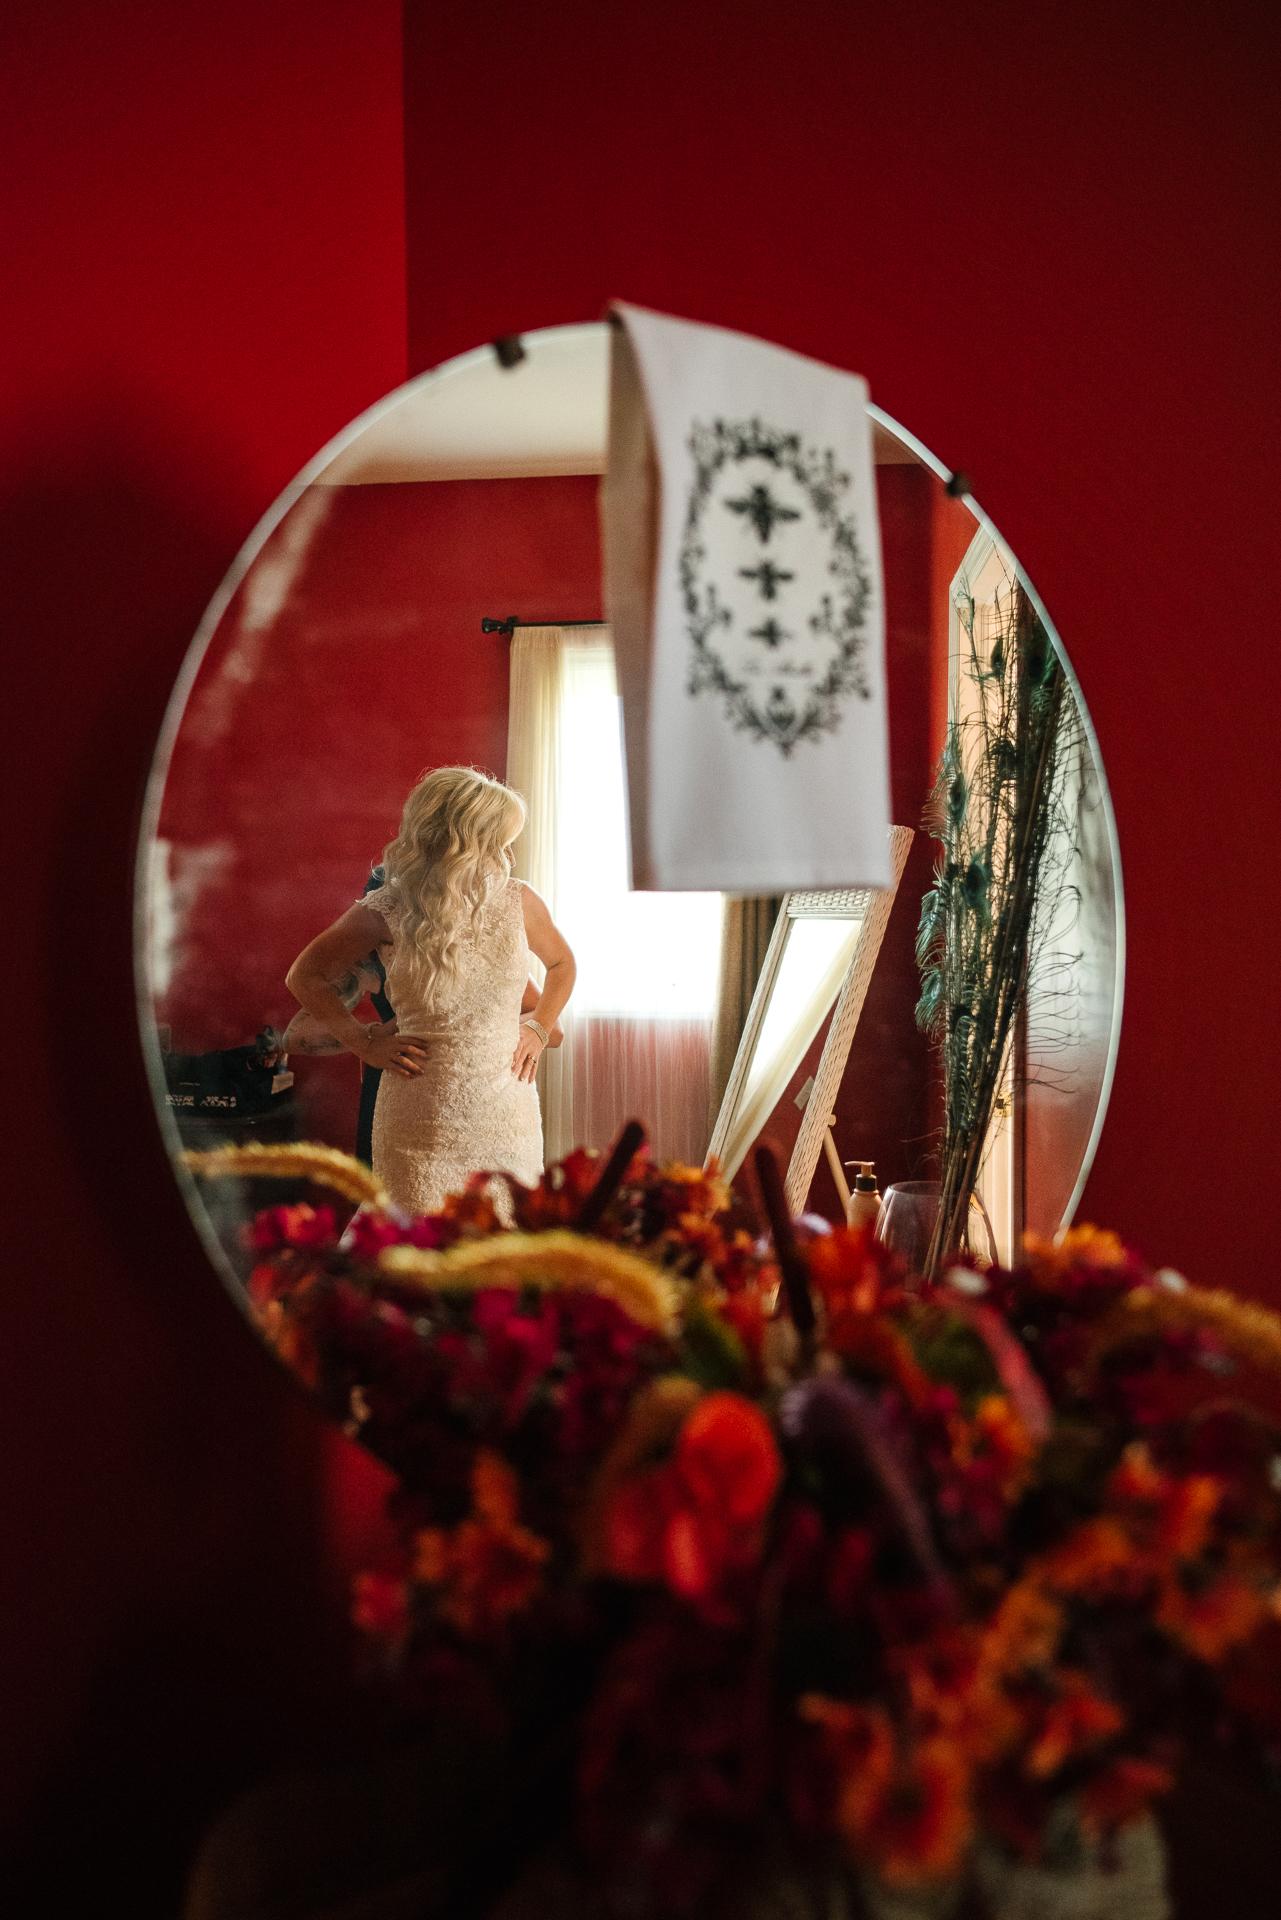 Tamworth Hochzeitsort Fotografie | Die Braut zieht ihr Hochzeitskleid in der Hochzeitssuite an